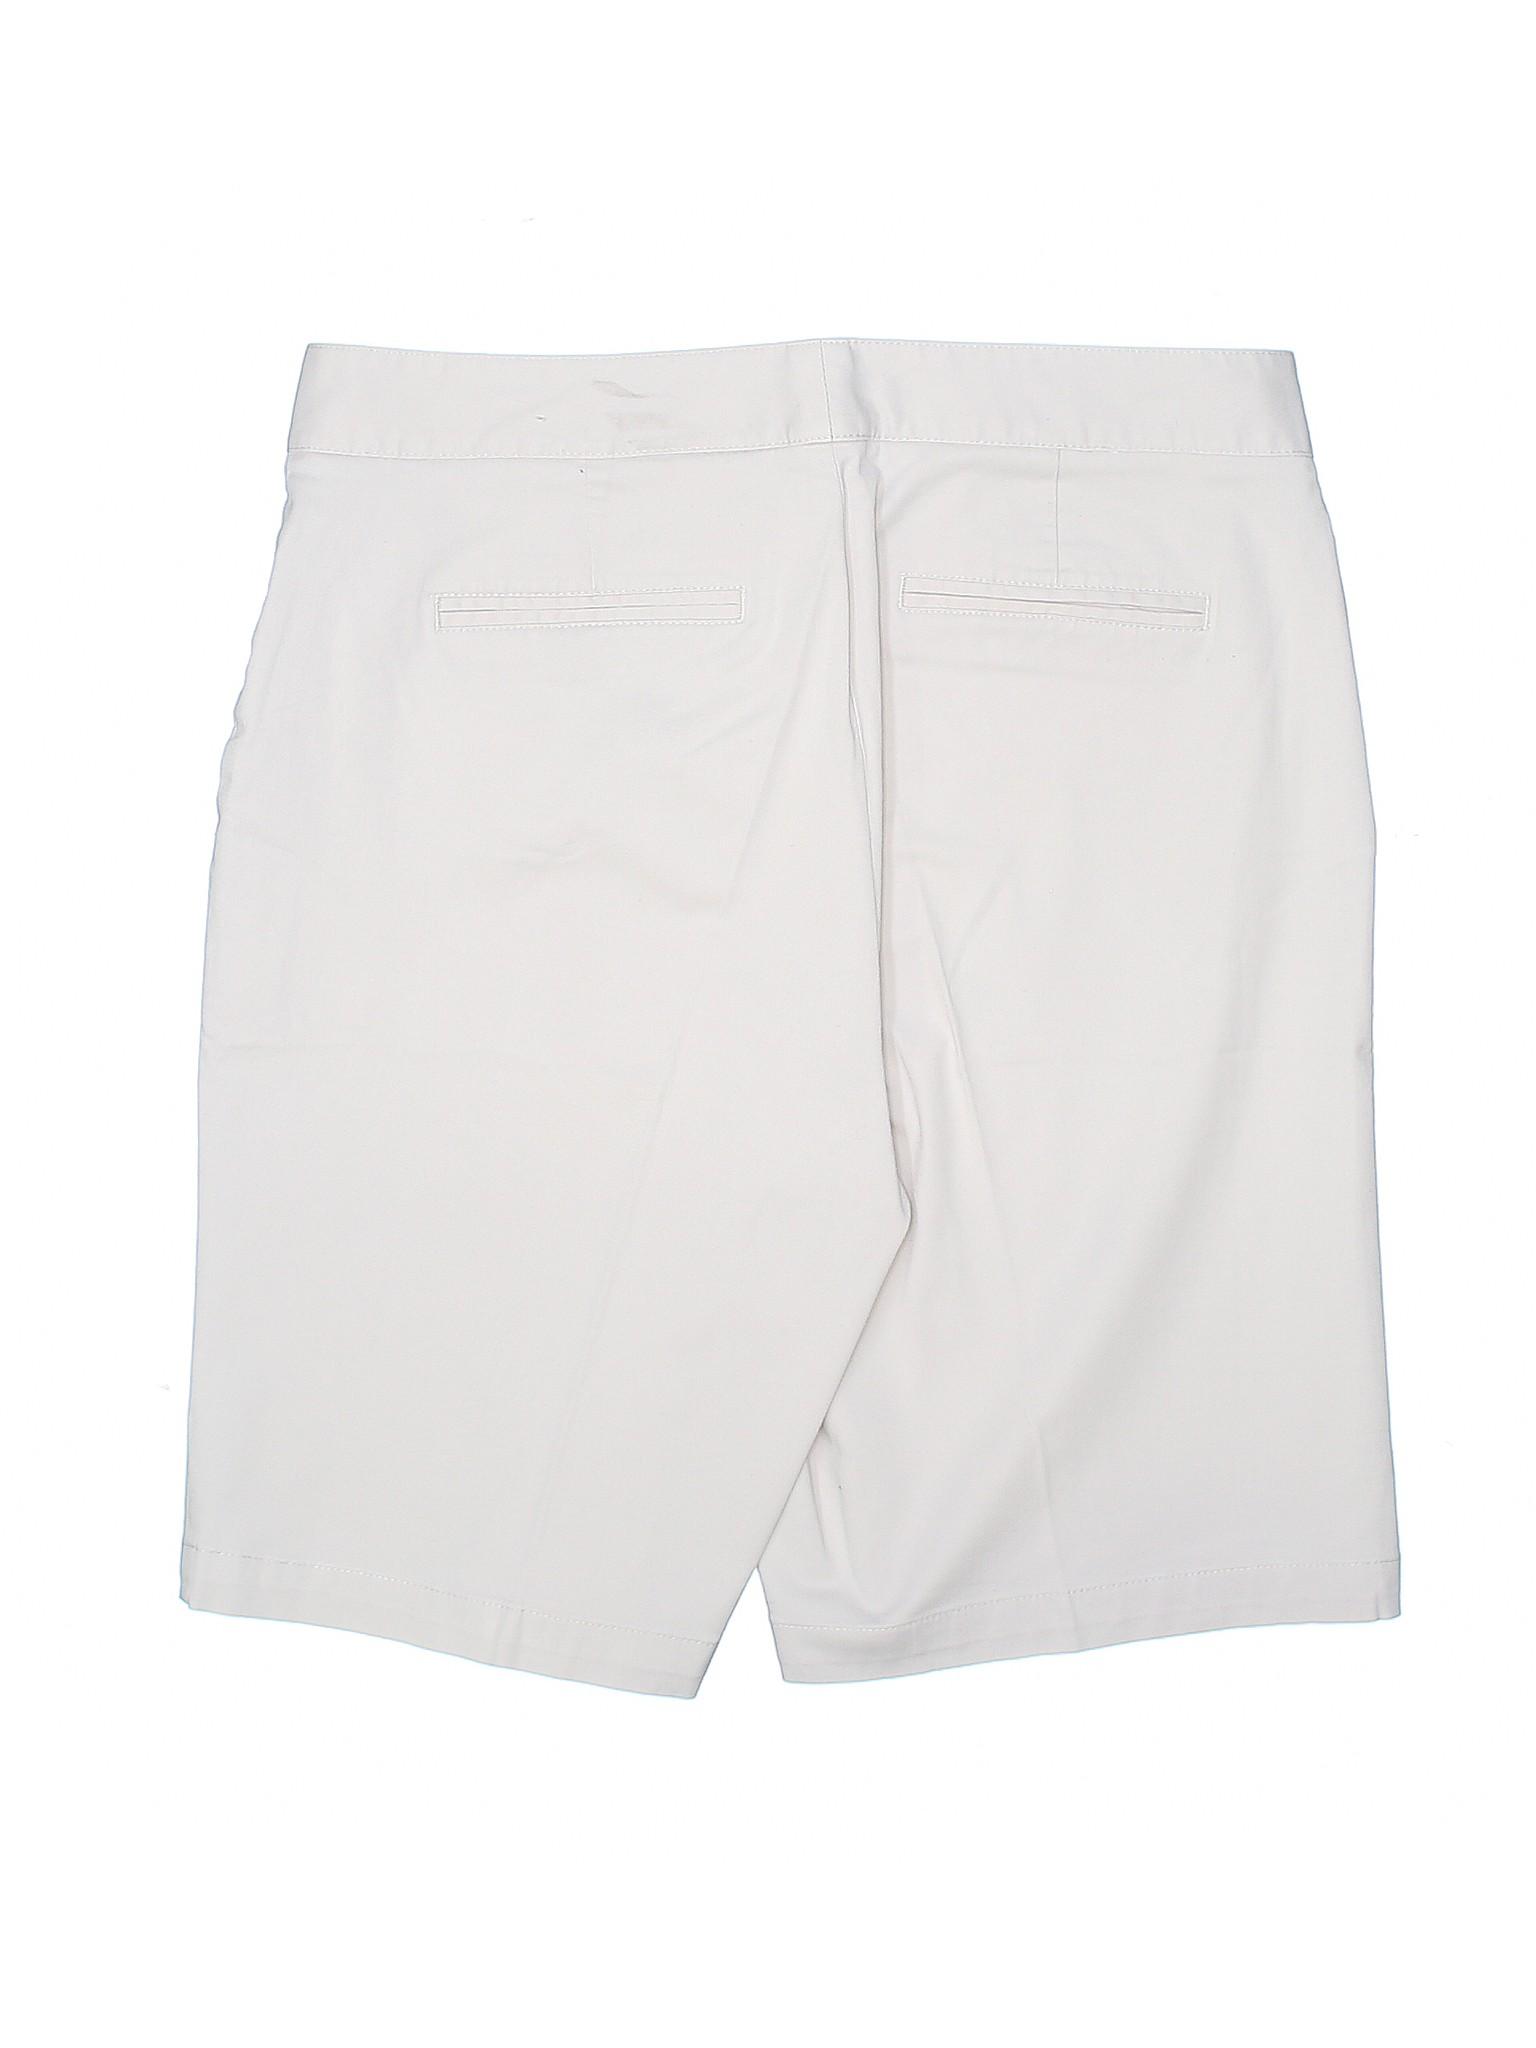 Dockers Shorts Boutique Boutique Boutique Khaki Khaki Shorts Khaki Dockers Dockers Shorts gx8I6Oq